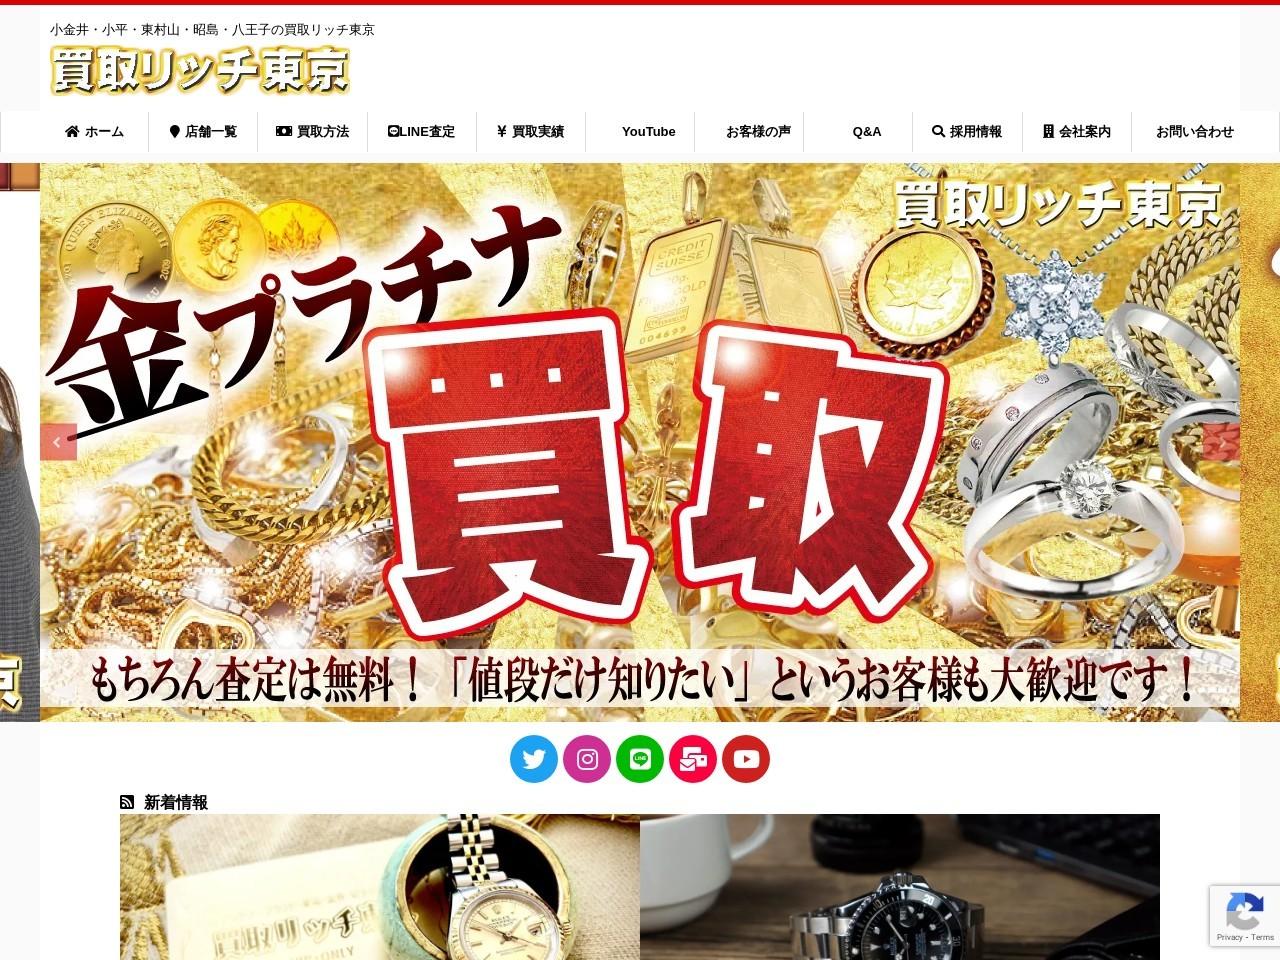 買取リッチ東京東小金井店